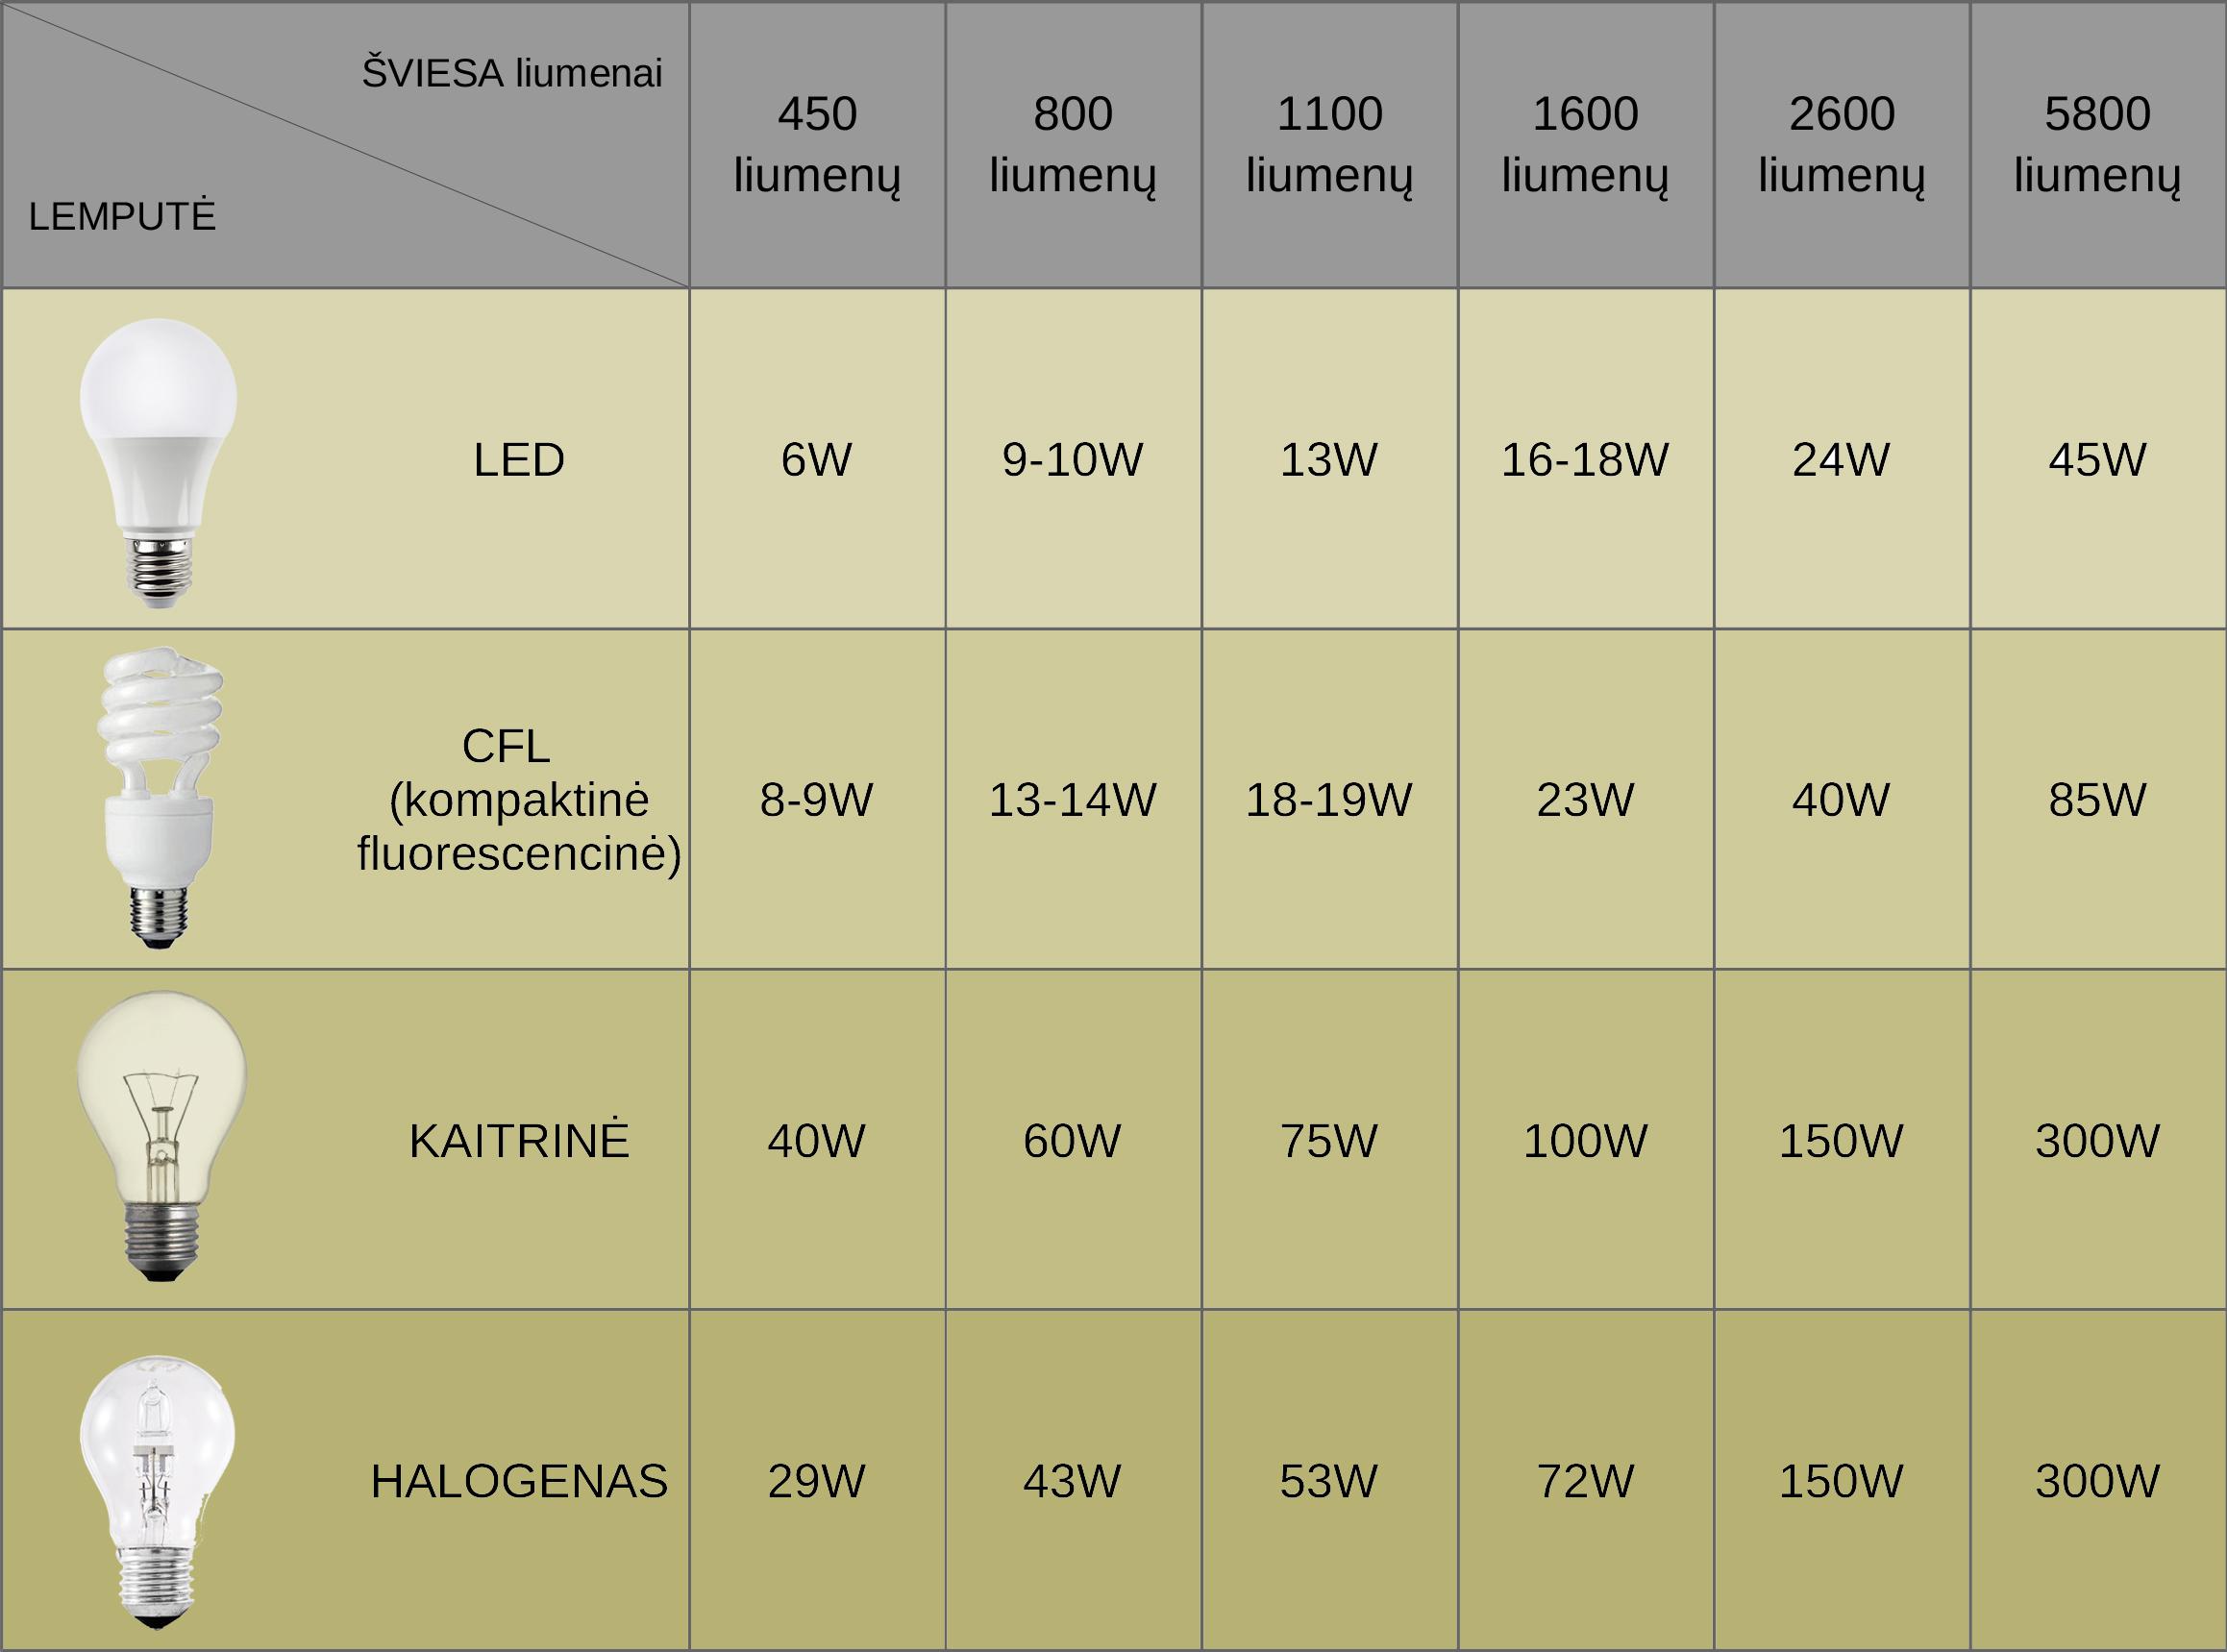 LED liumenai